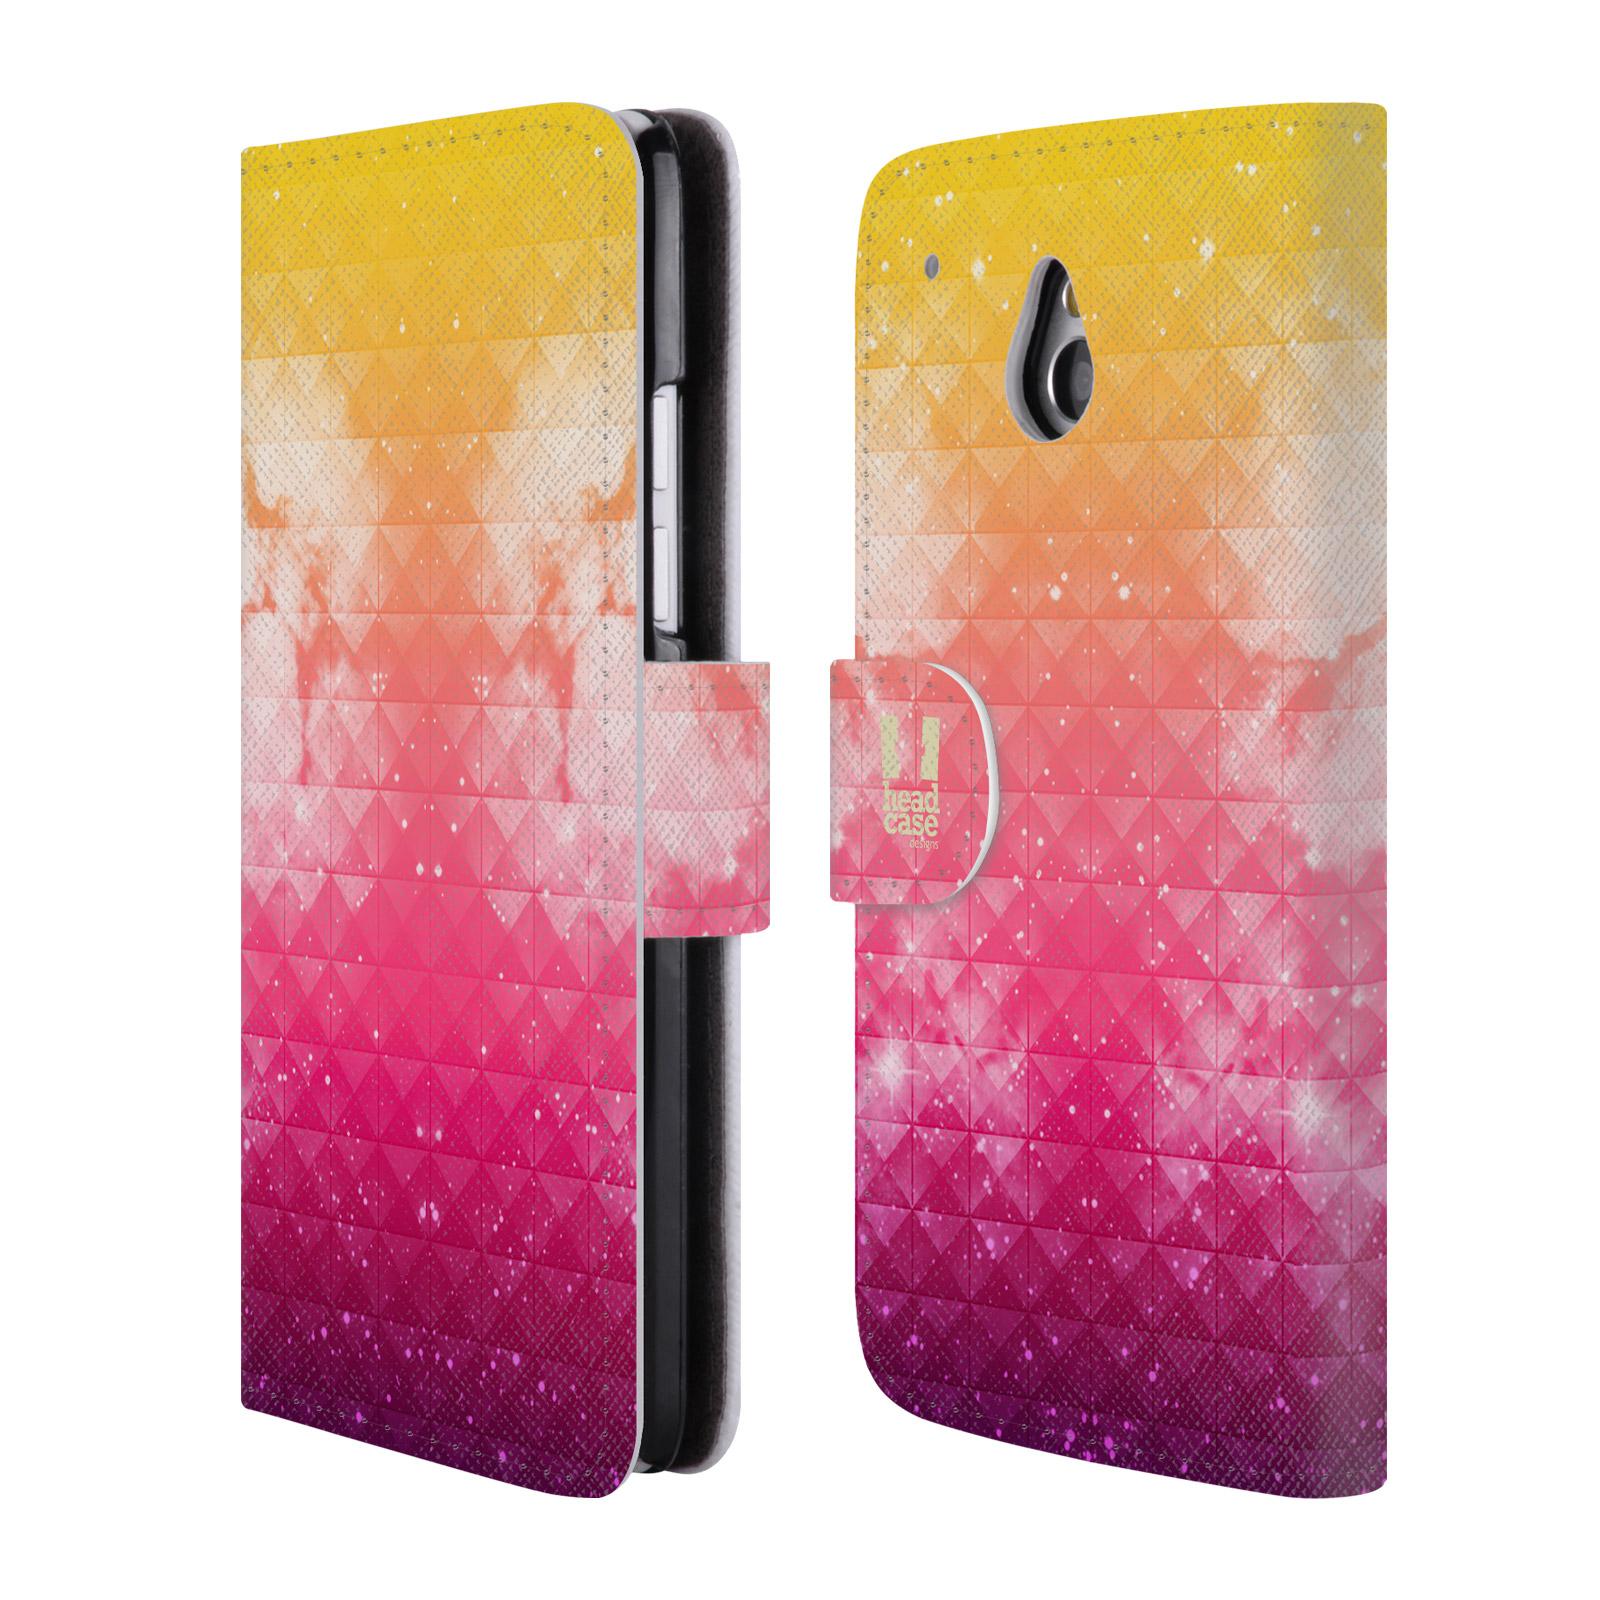 HEAD CASE Flipové pouzdro pro mobil HTC ONE MINI (M4) barevná vesmírná mlhovina oranžová a růžová